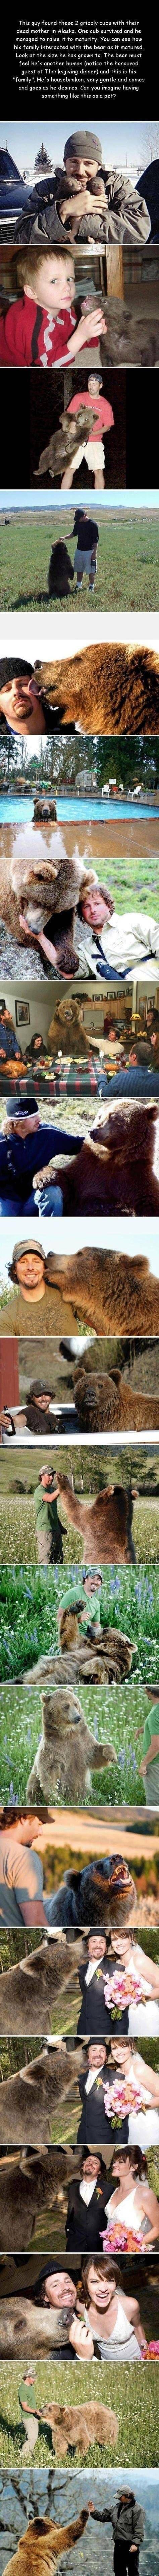 beary cute story